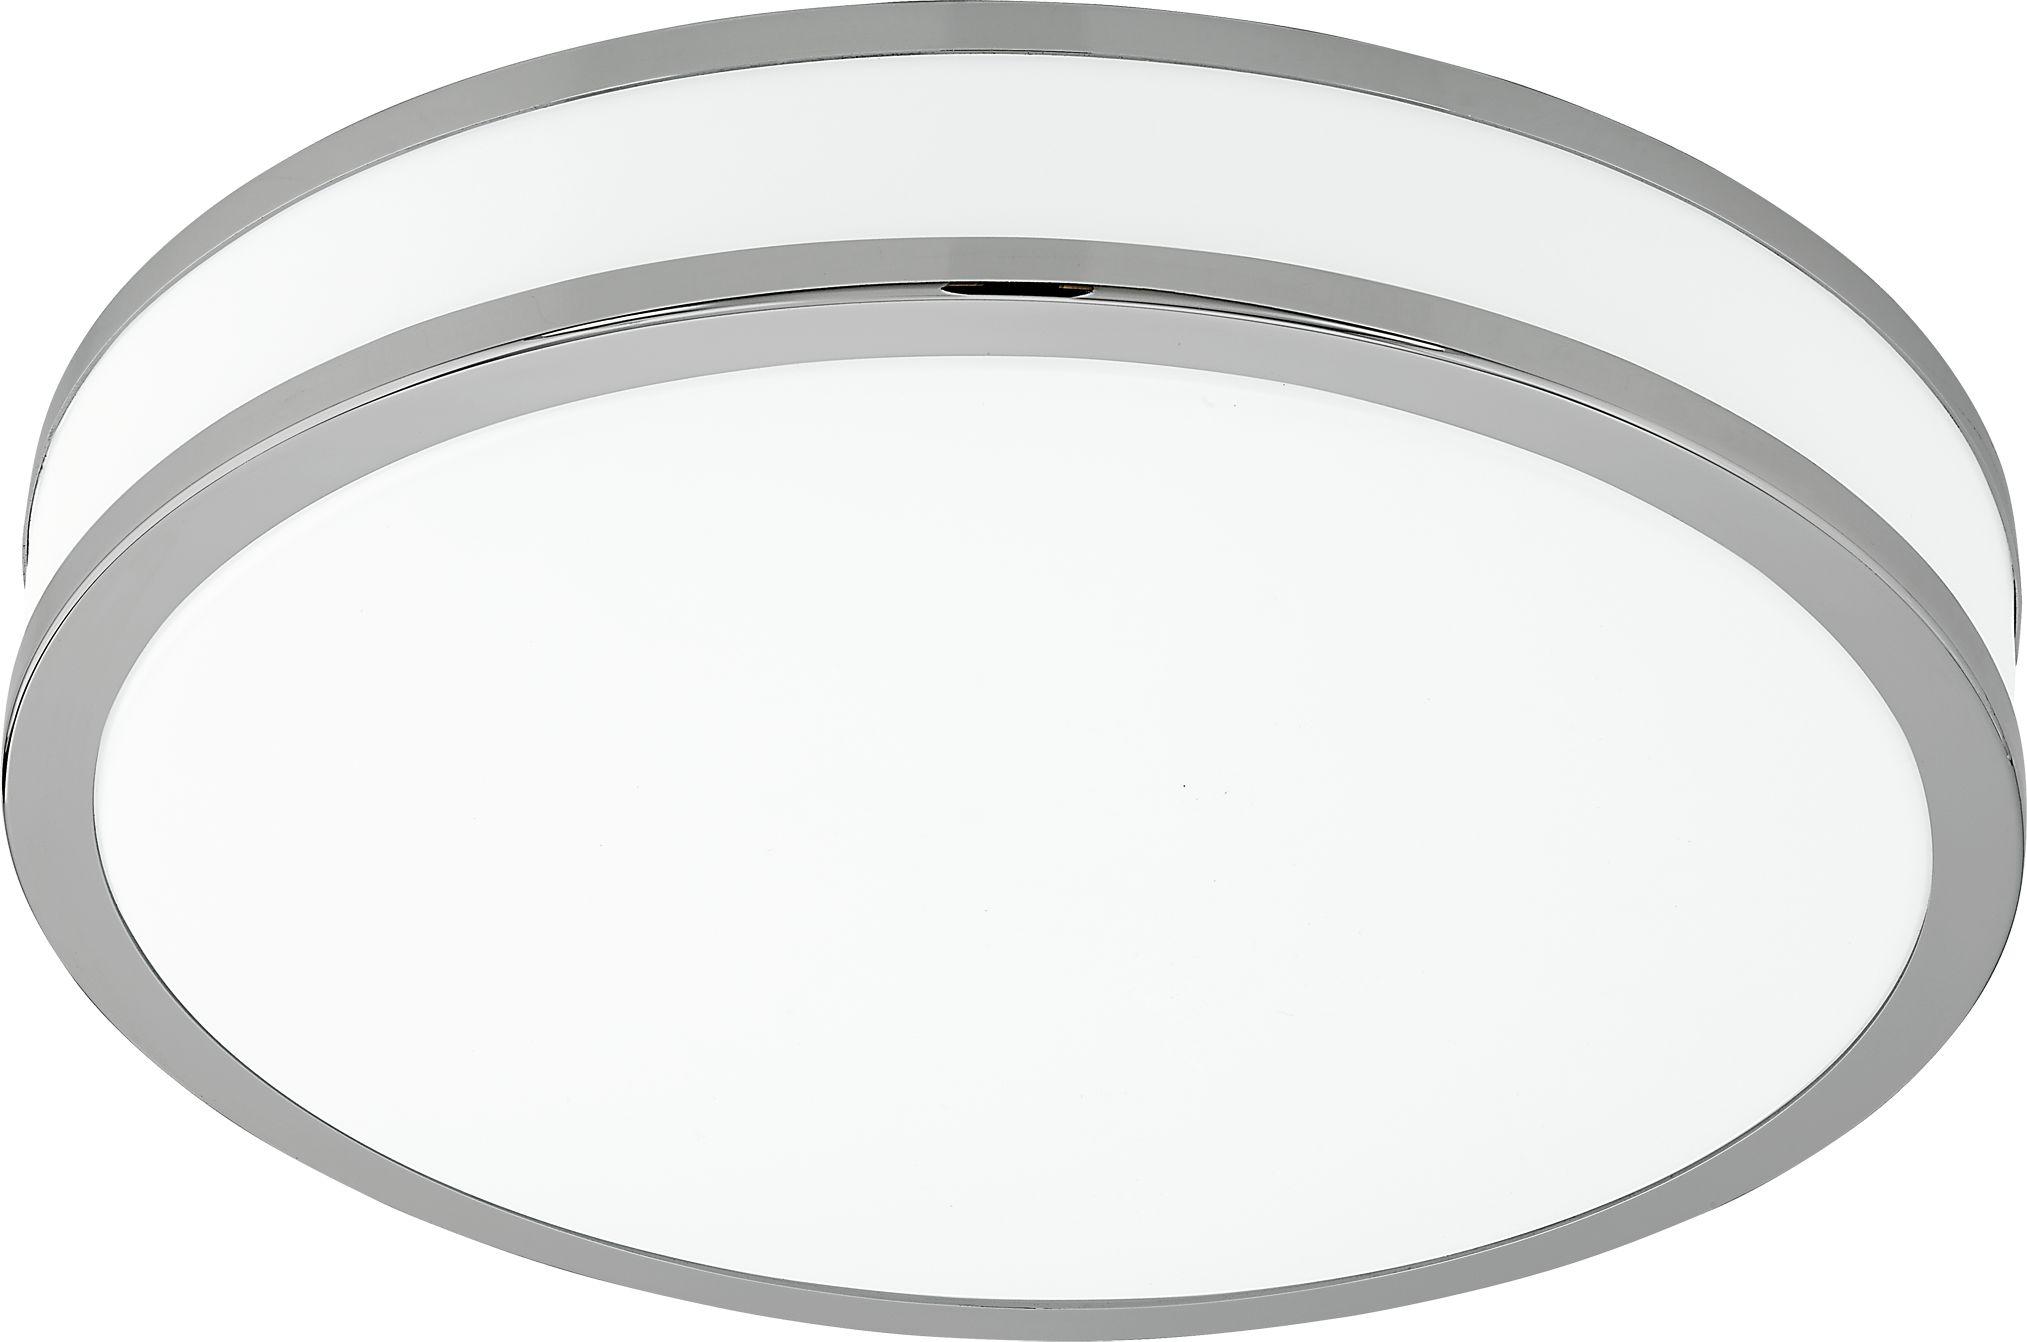 Eglo plafon, lampa sufitowa LED Palermo 2 95684 - SUPER OFERTA - RABAT w koszyku